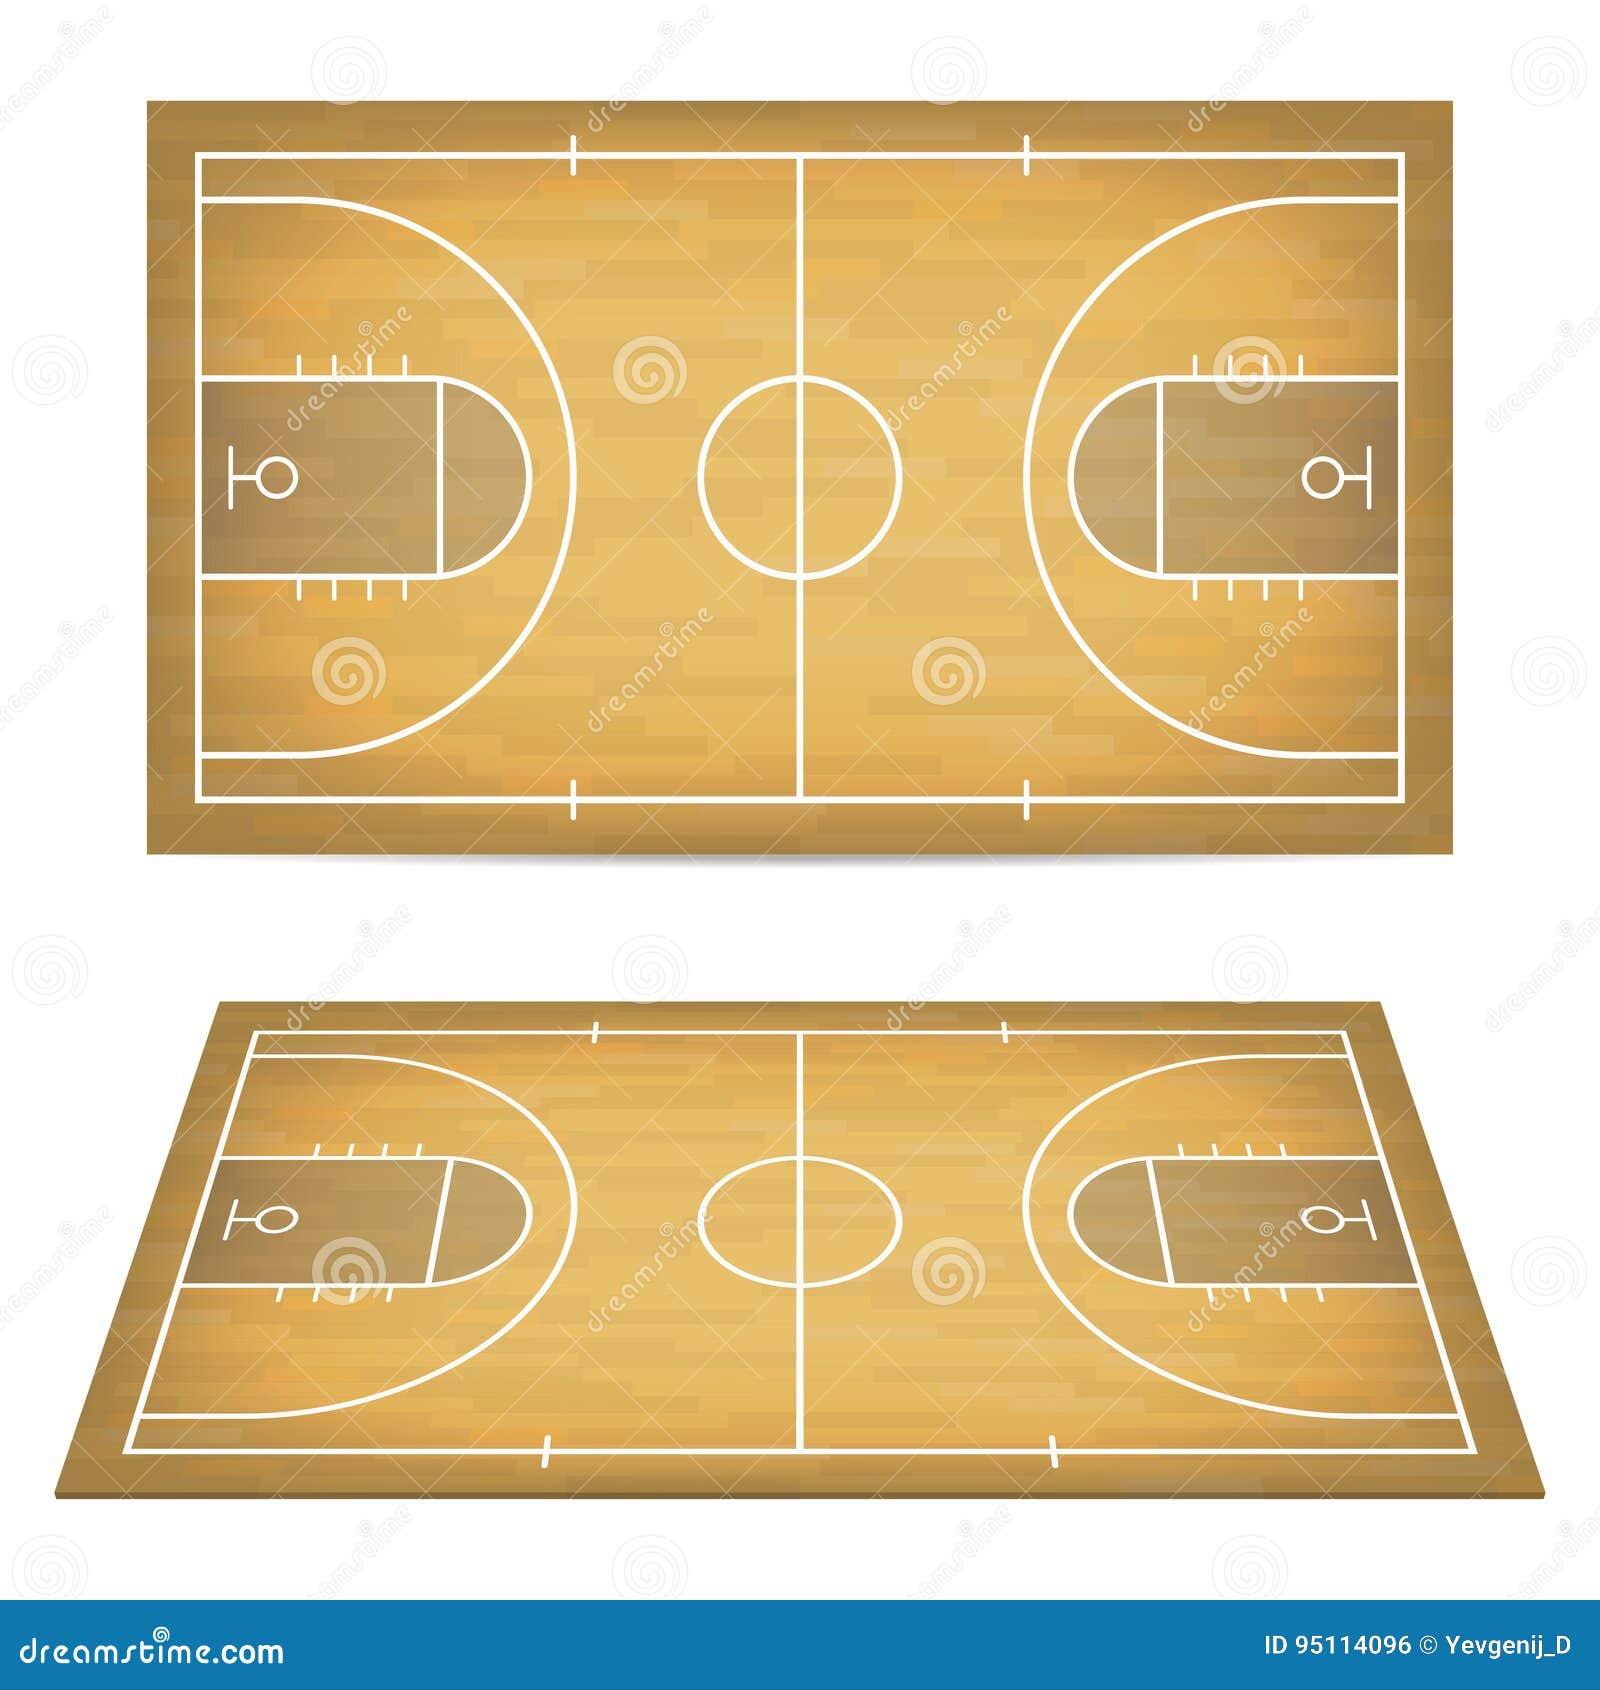 Γήπεδο μπάσκετ με το ξύλινο πάτωμα Άποψη άνωθεν και προοπτική, isometric άποψη